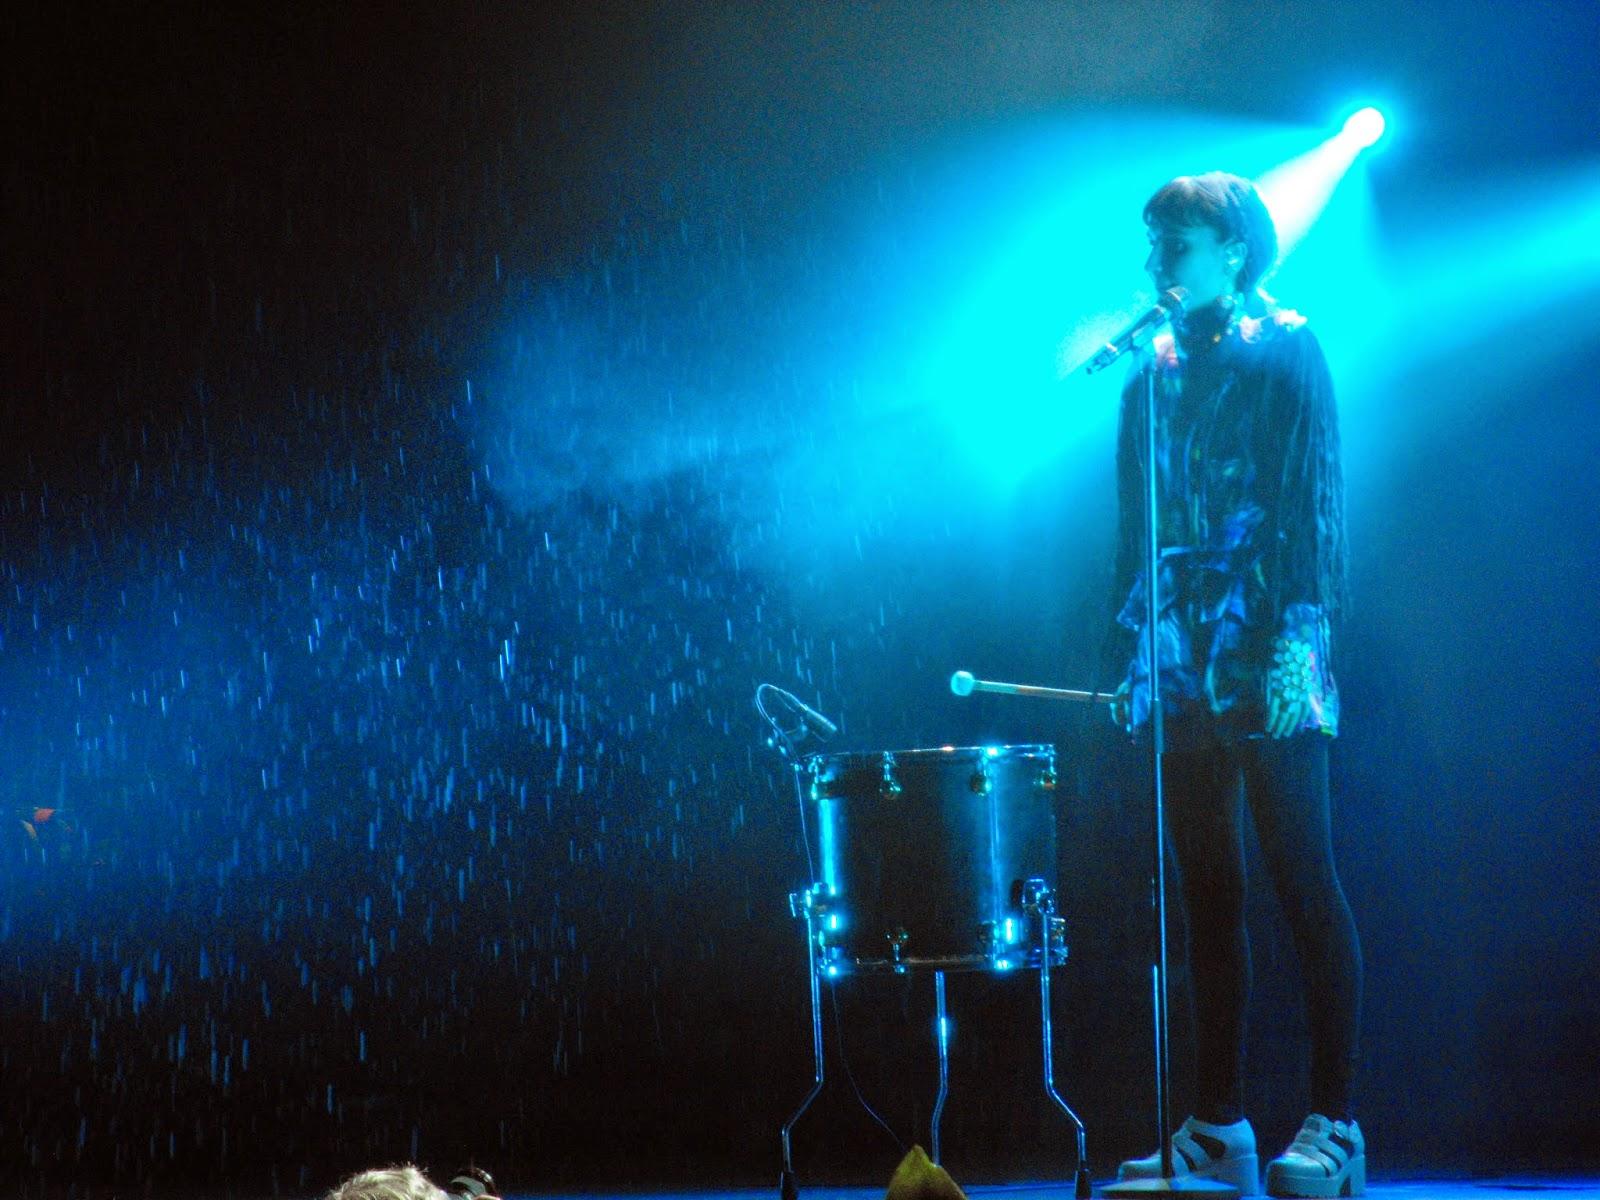 siestafestivalen, Siestafestivalen 2014, SiestaHlm, #SiestaHlm, Hässleholm, Sösdala, Barnfamilj, Musik, Glädje i hjärtat, Laleh, Under musik